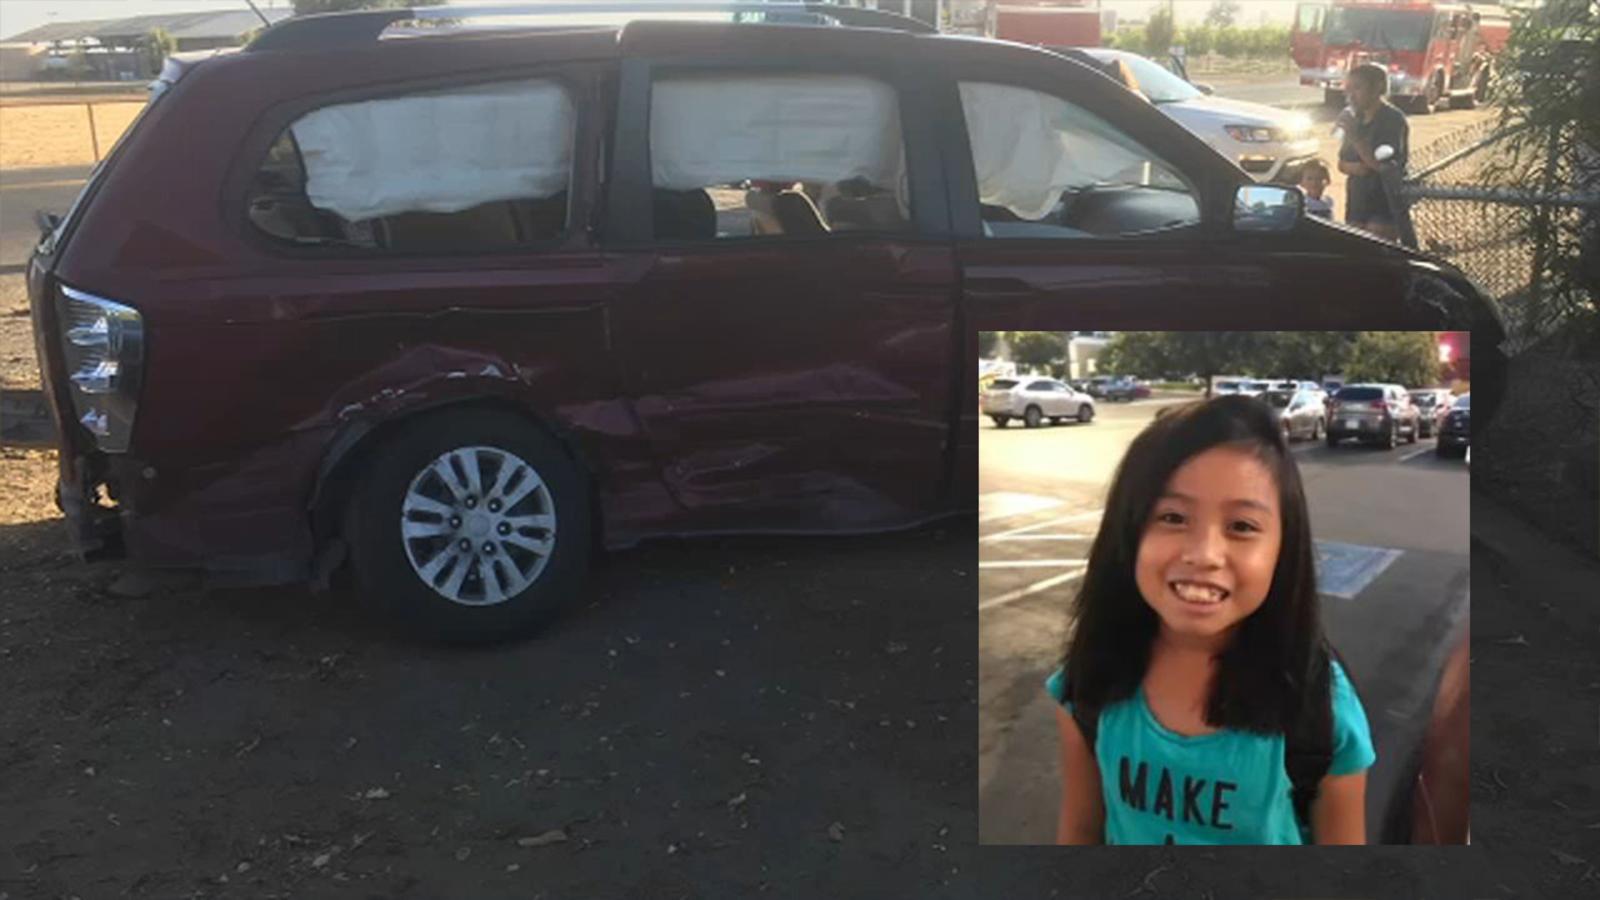 Saat kecelaakan terjadi, Francine berada dalam perjalanan pulang sebelum kendaraan yang dia tumpangi di tabrak oleh mobil lain di California, AS. Francine kemudian mendapatkan perawatan di Valley Children's Hospital.